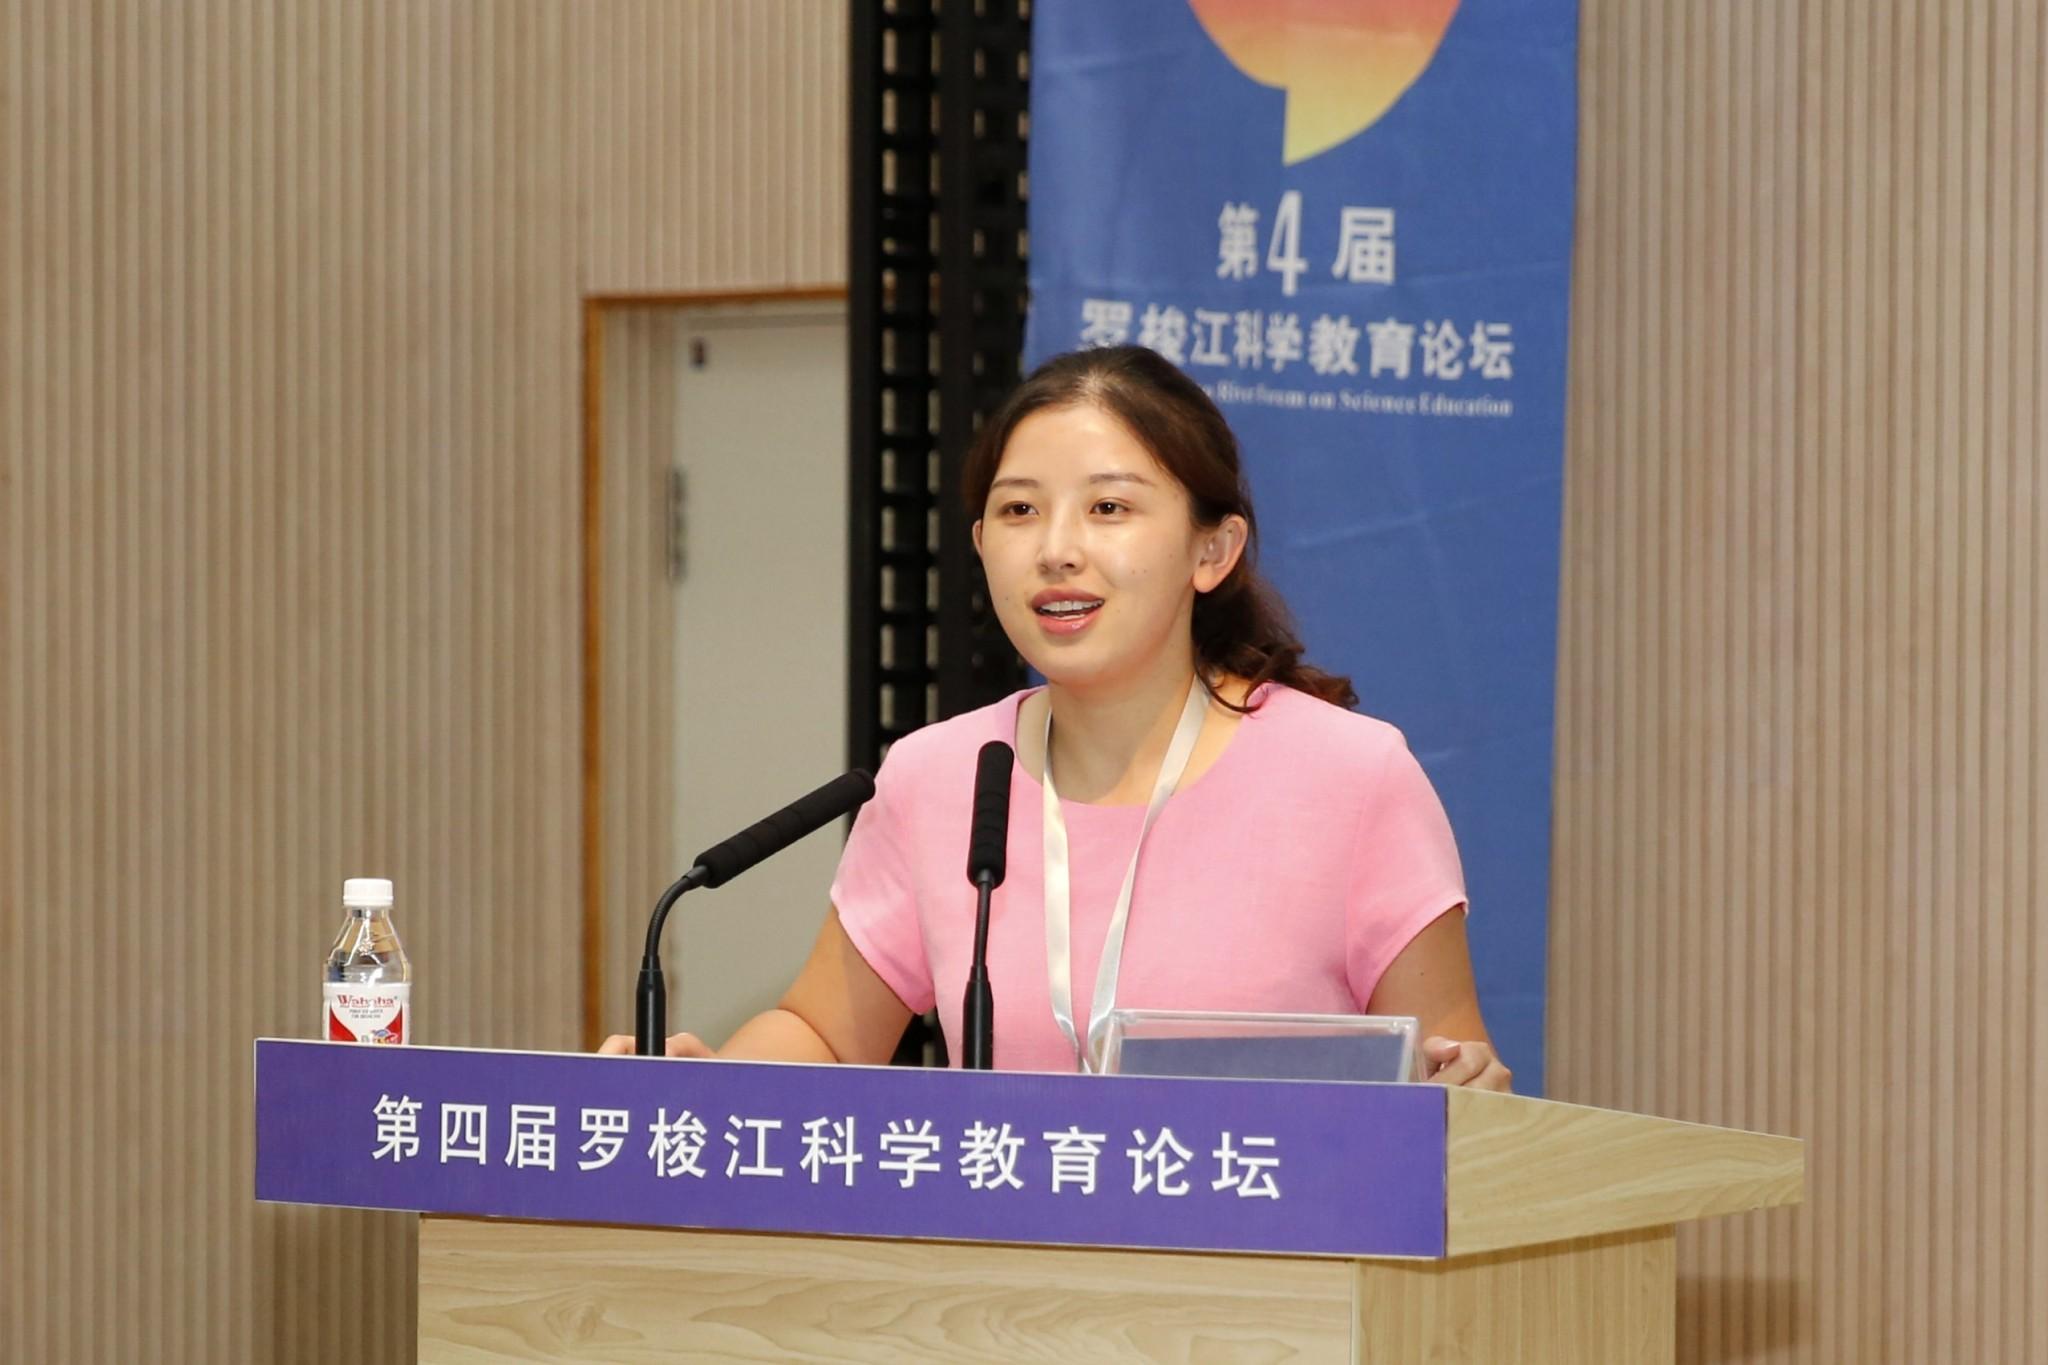 【案例分享】西南林业大学云南生物多样性研究院   陈远书:云南青少年生物多样性保护意识教育活动案例分享